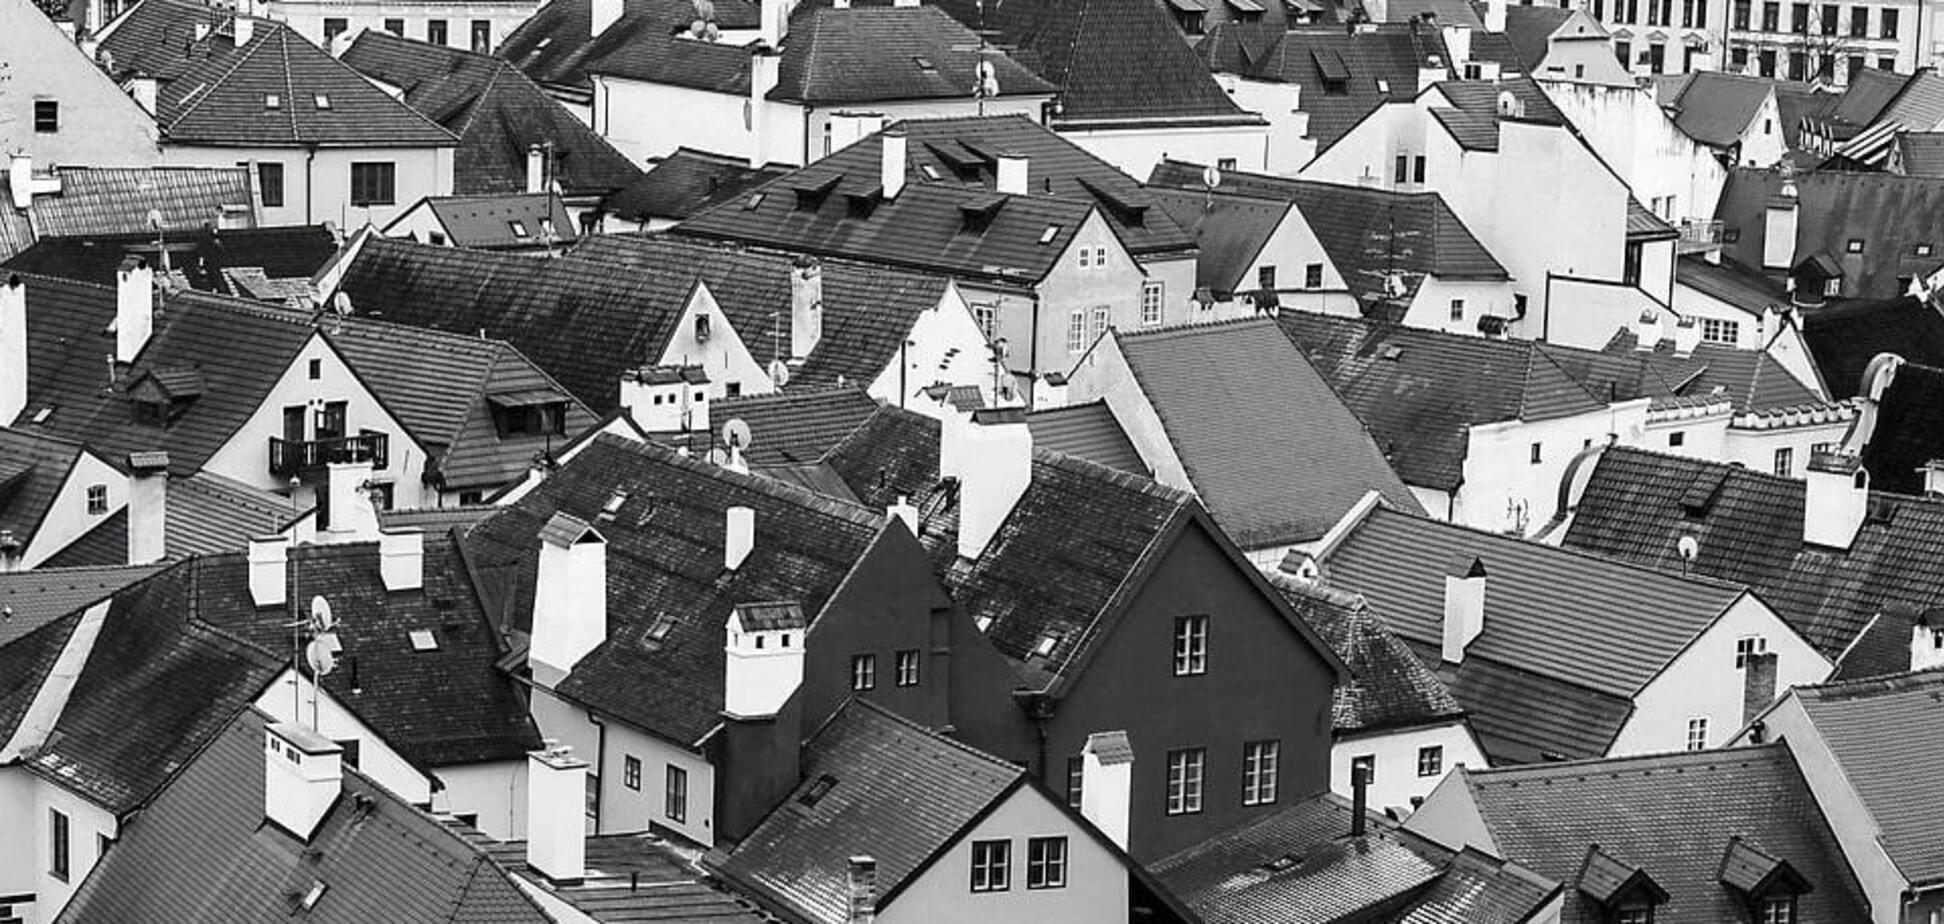 Власти за 5 лет обещают разработать единую государственную жилищную политику